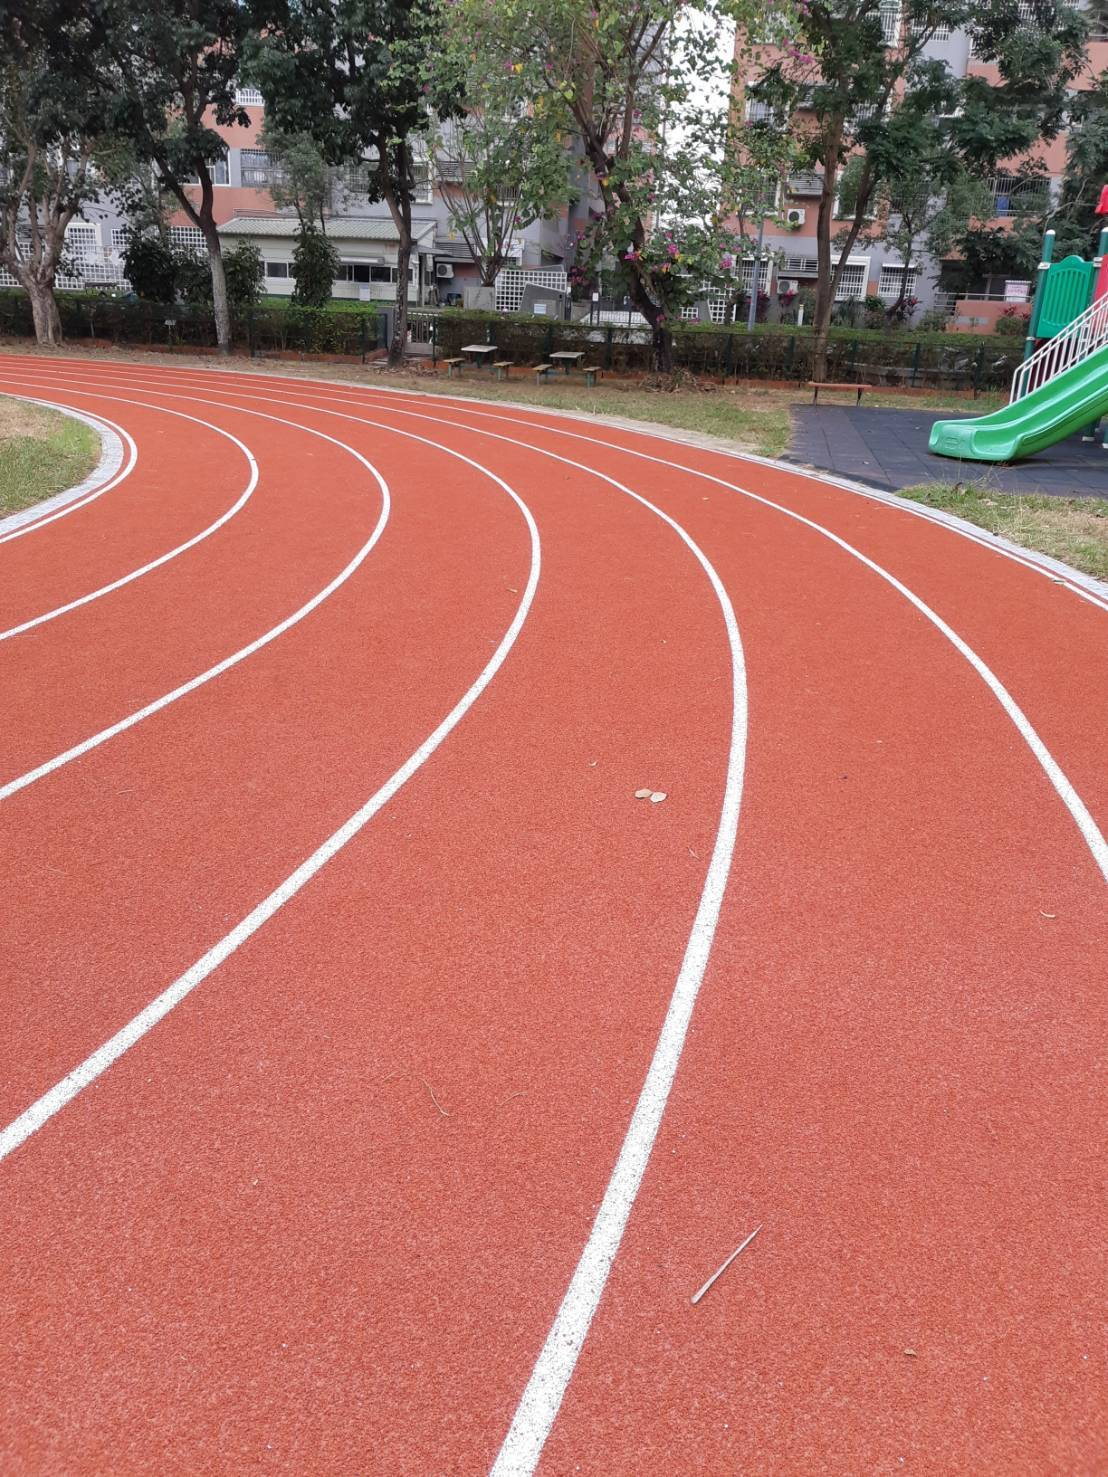 嘉義市大同國小的PU跑道本月15日啟用,環境煥然一新。圖/蔡坤龍提供